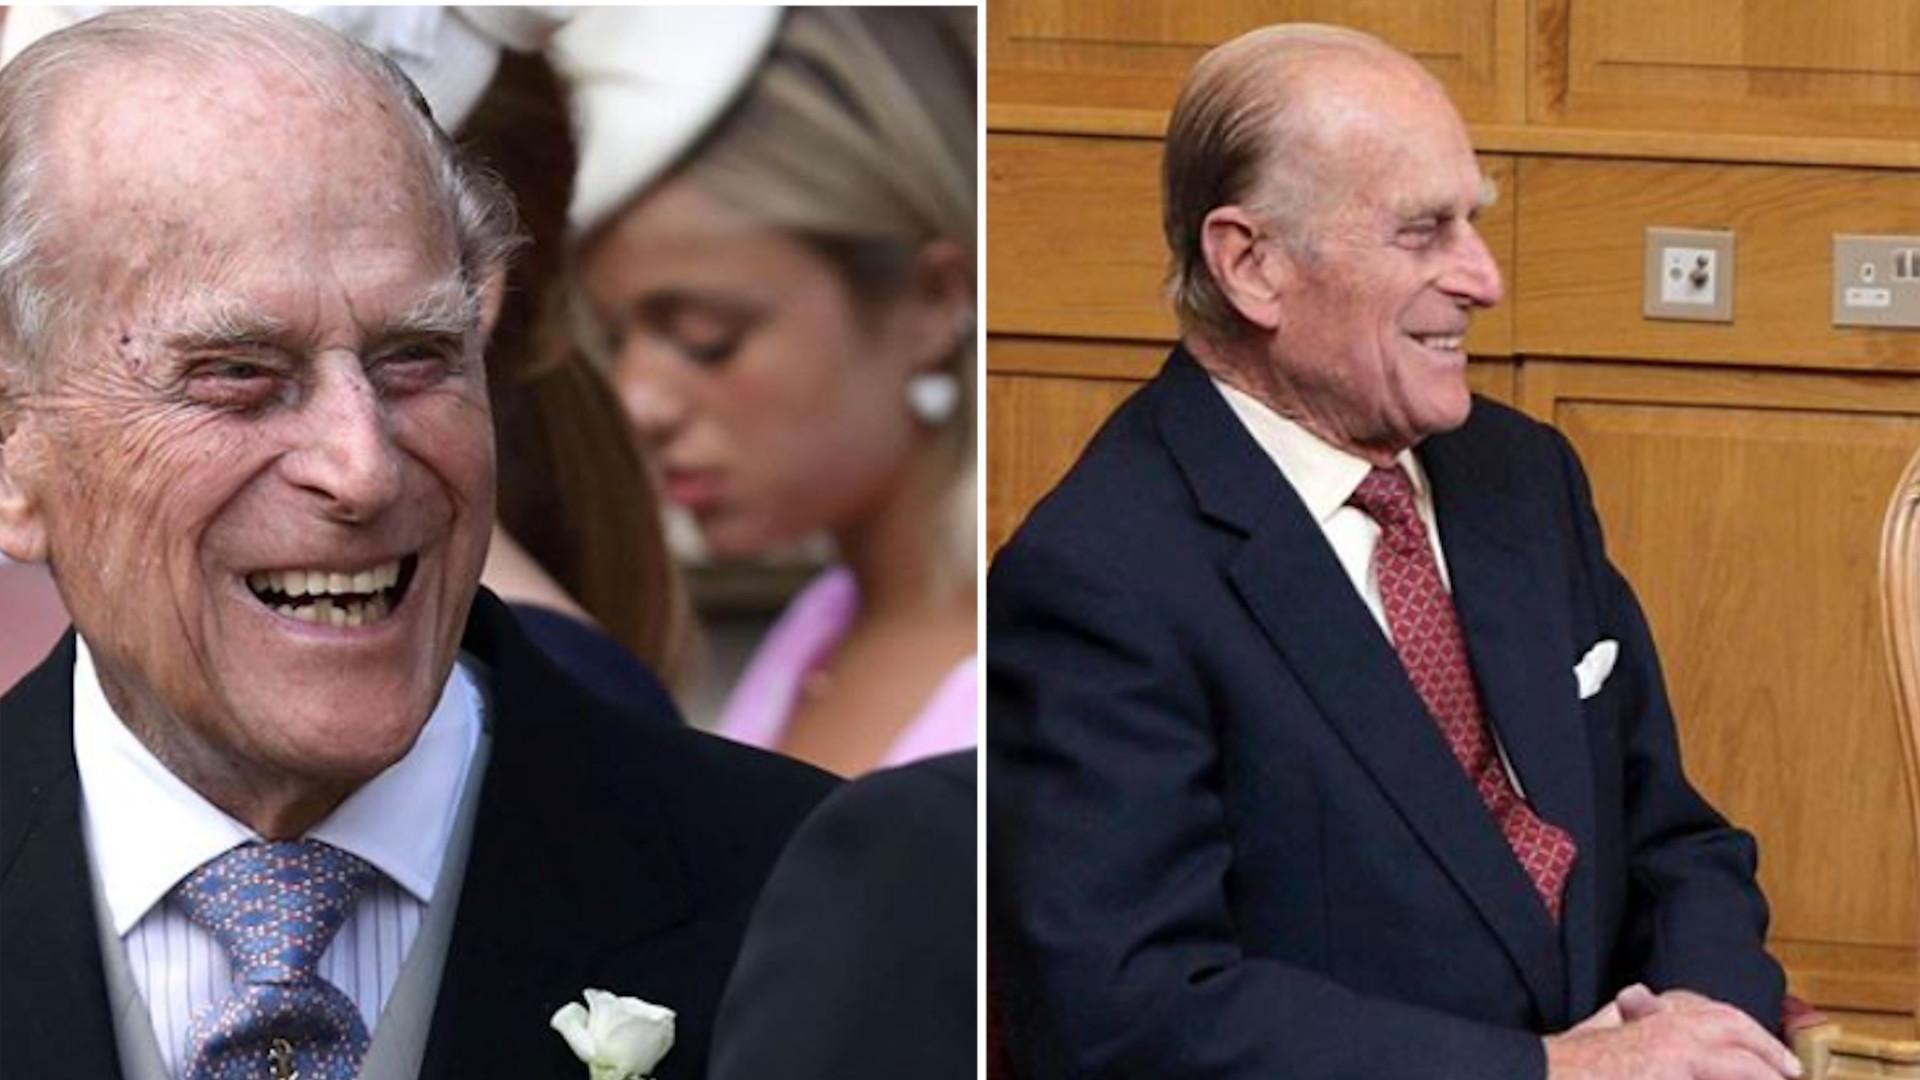 Książę Filip skończył 99 lat. Pałac Buckingham publikował rzadki portret pary królewskiej